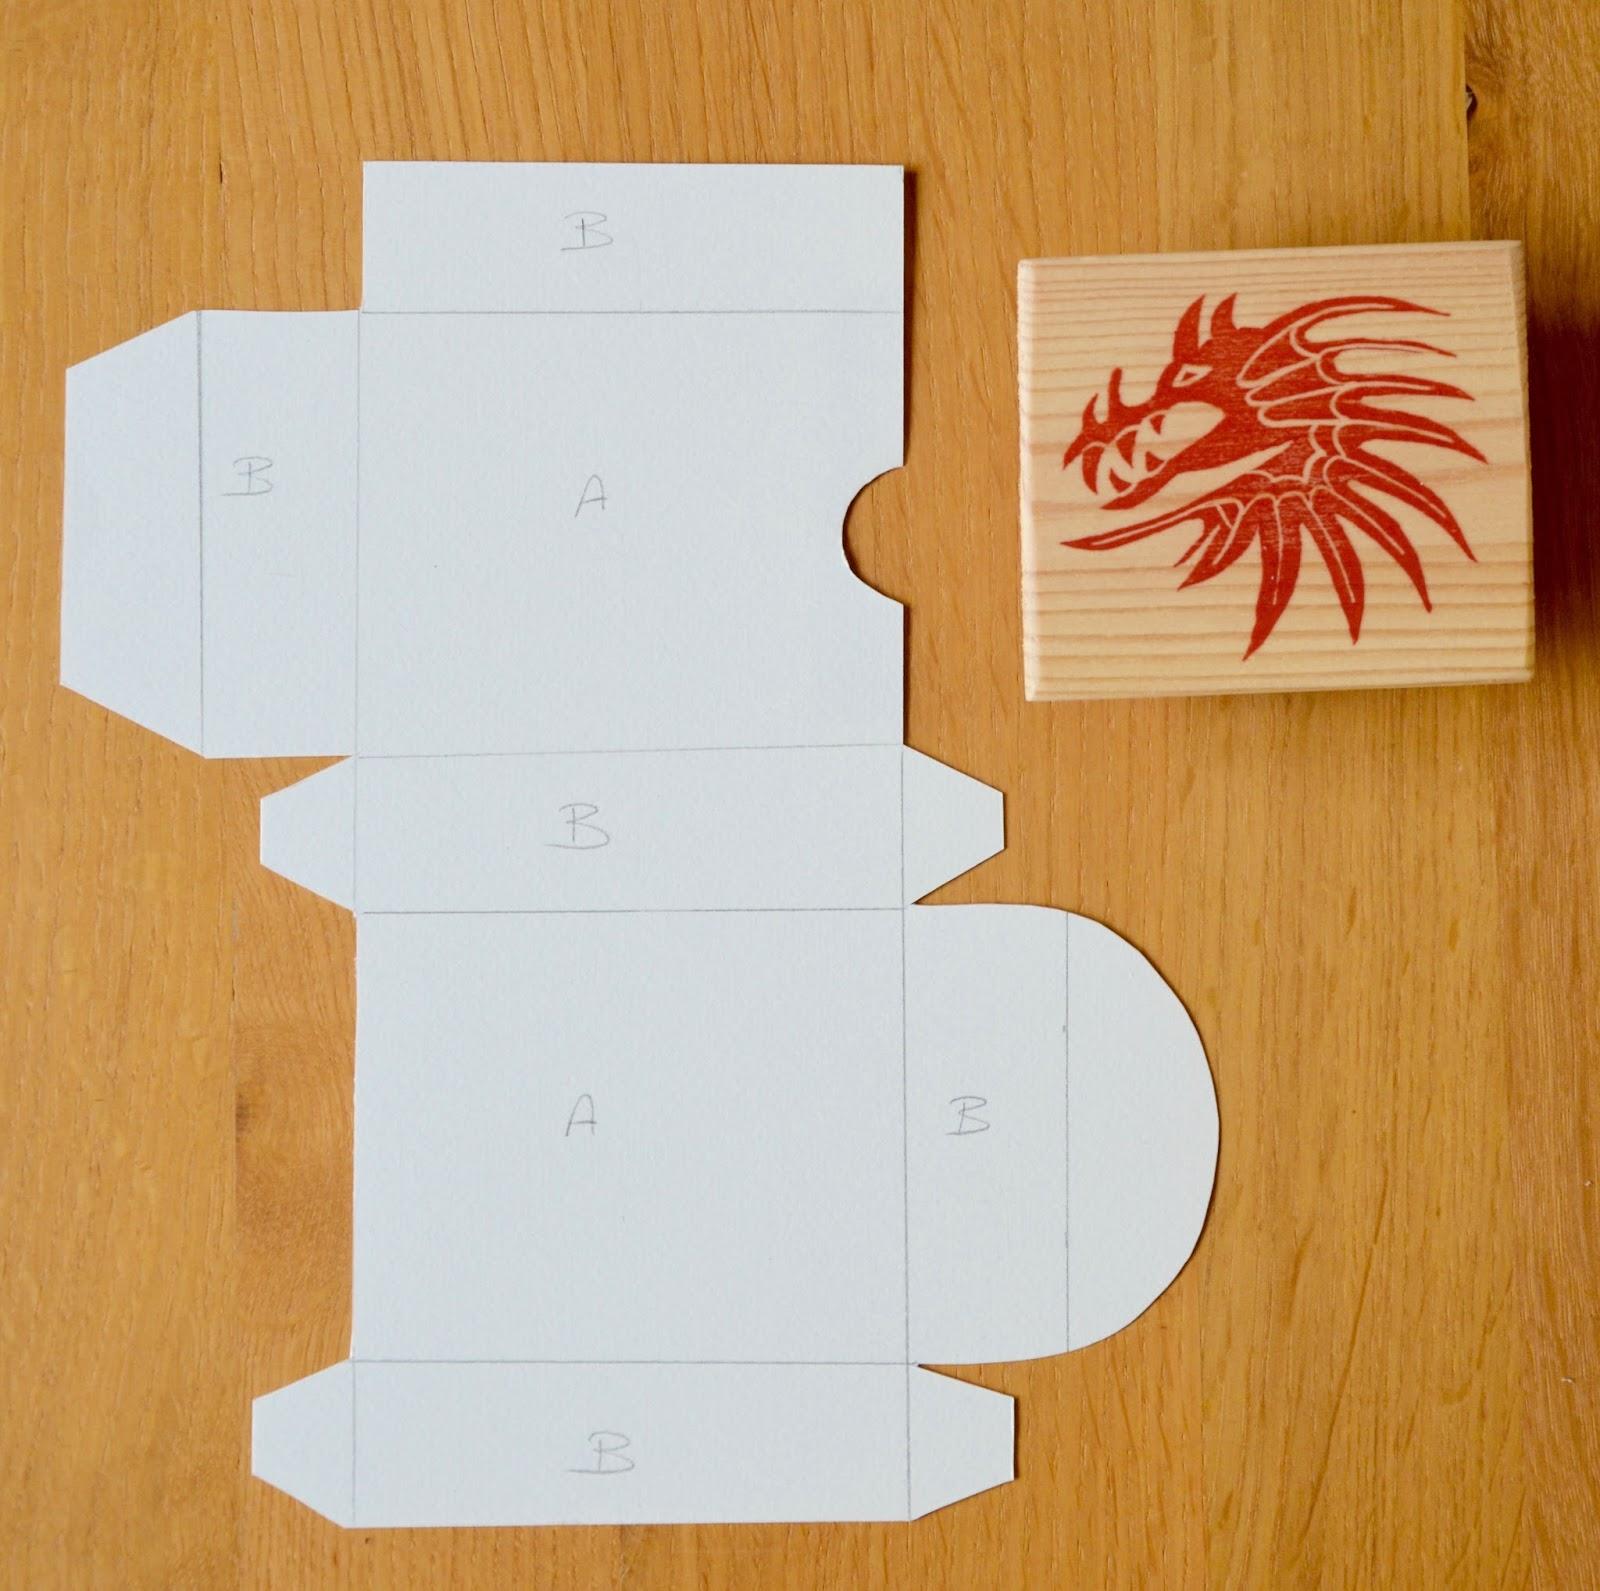 La petite verri re les petites boites en carton tuto - Tuto boite en carton ...